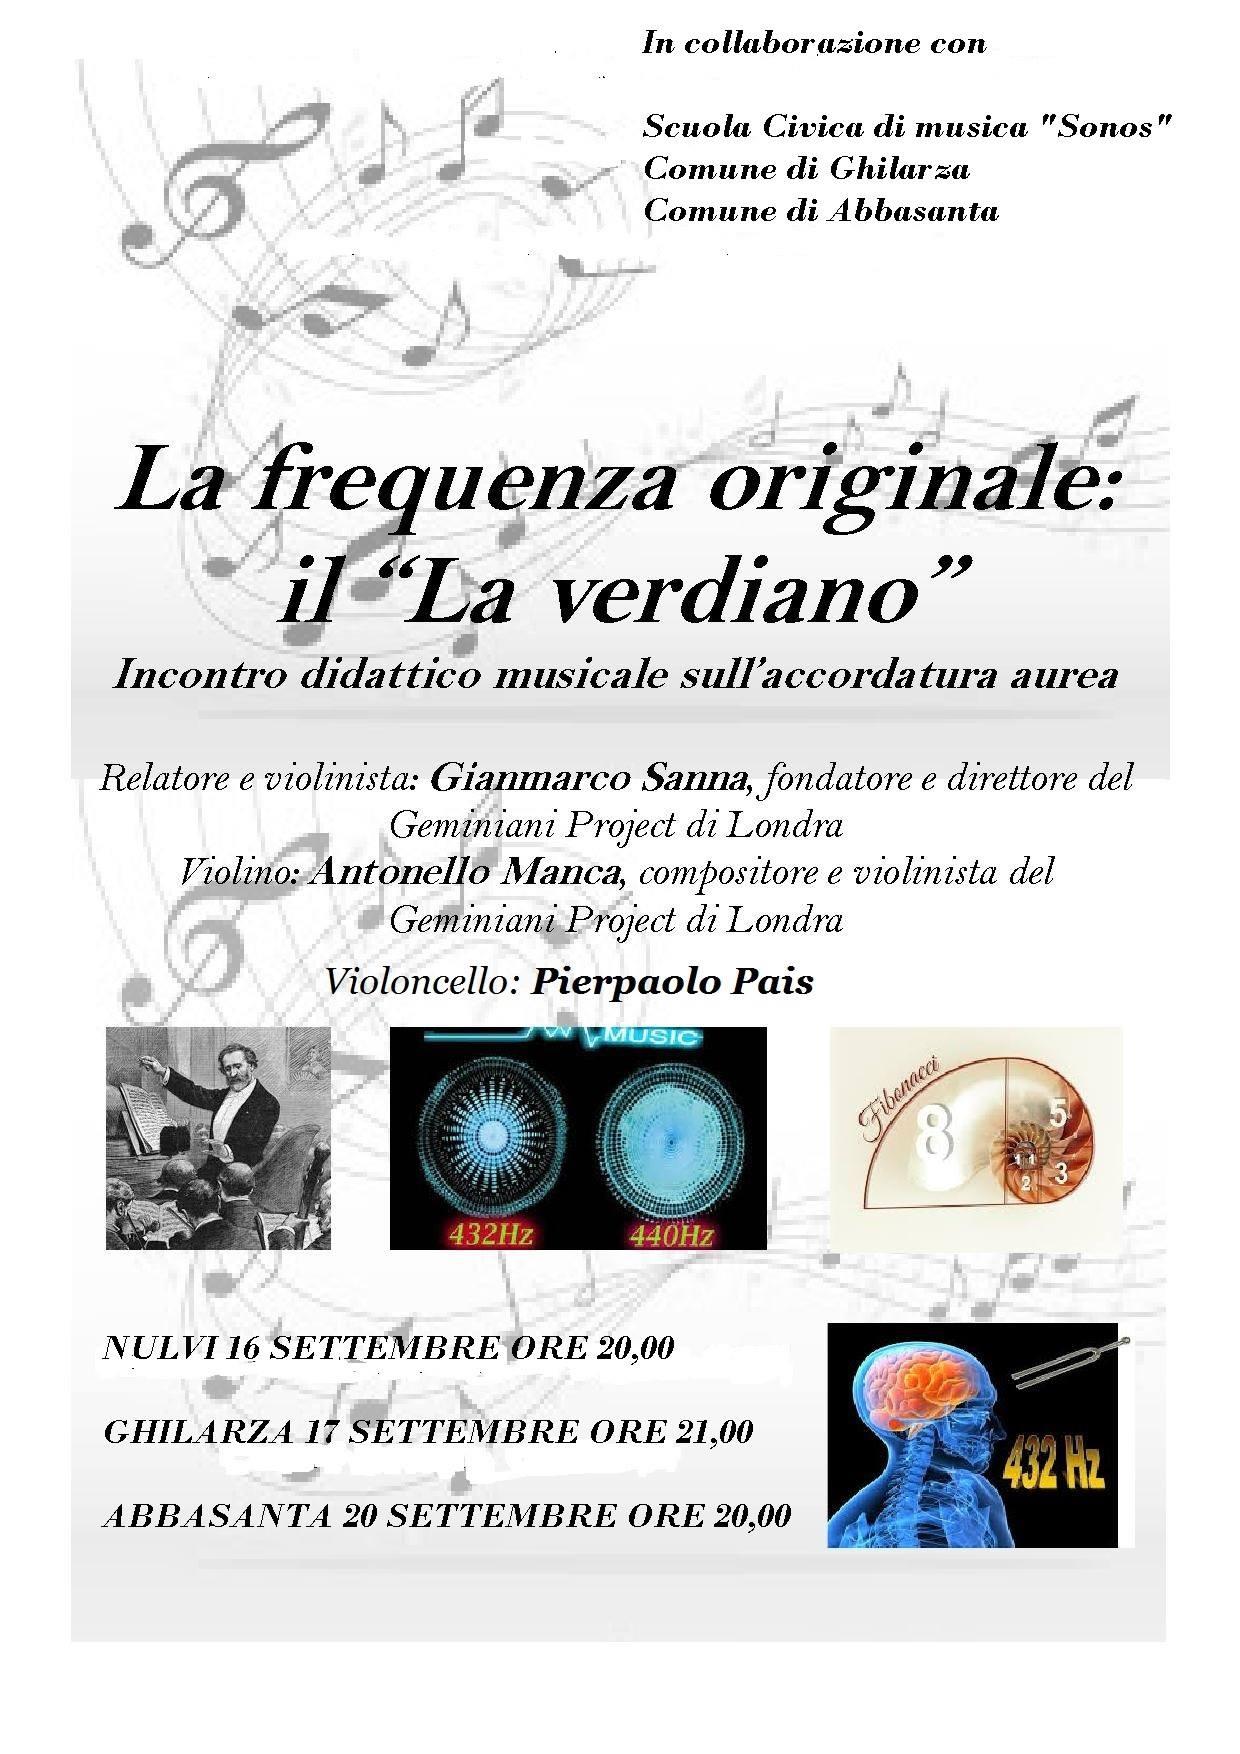 Conferenze concerto sul La verdiano in Sardegna